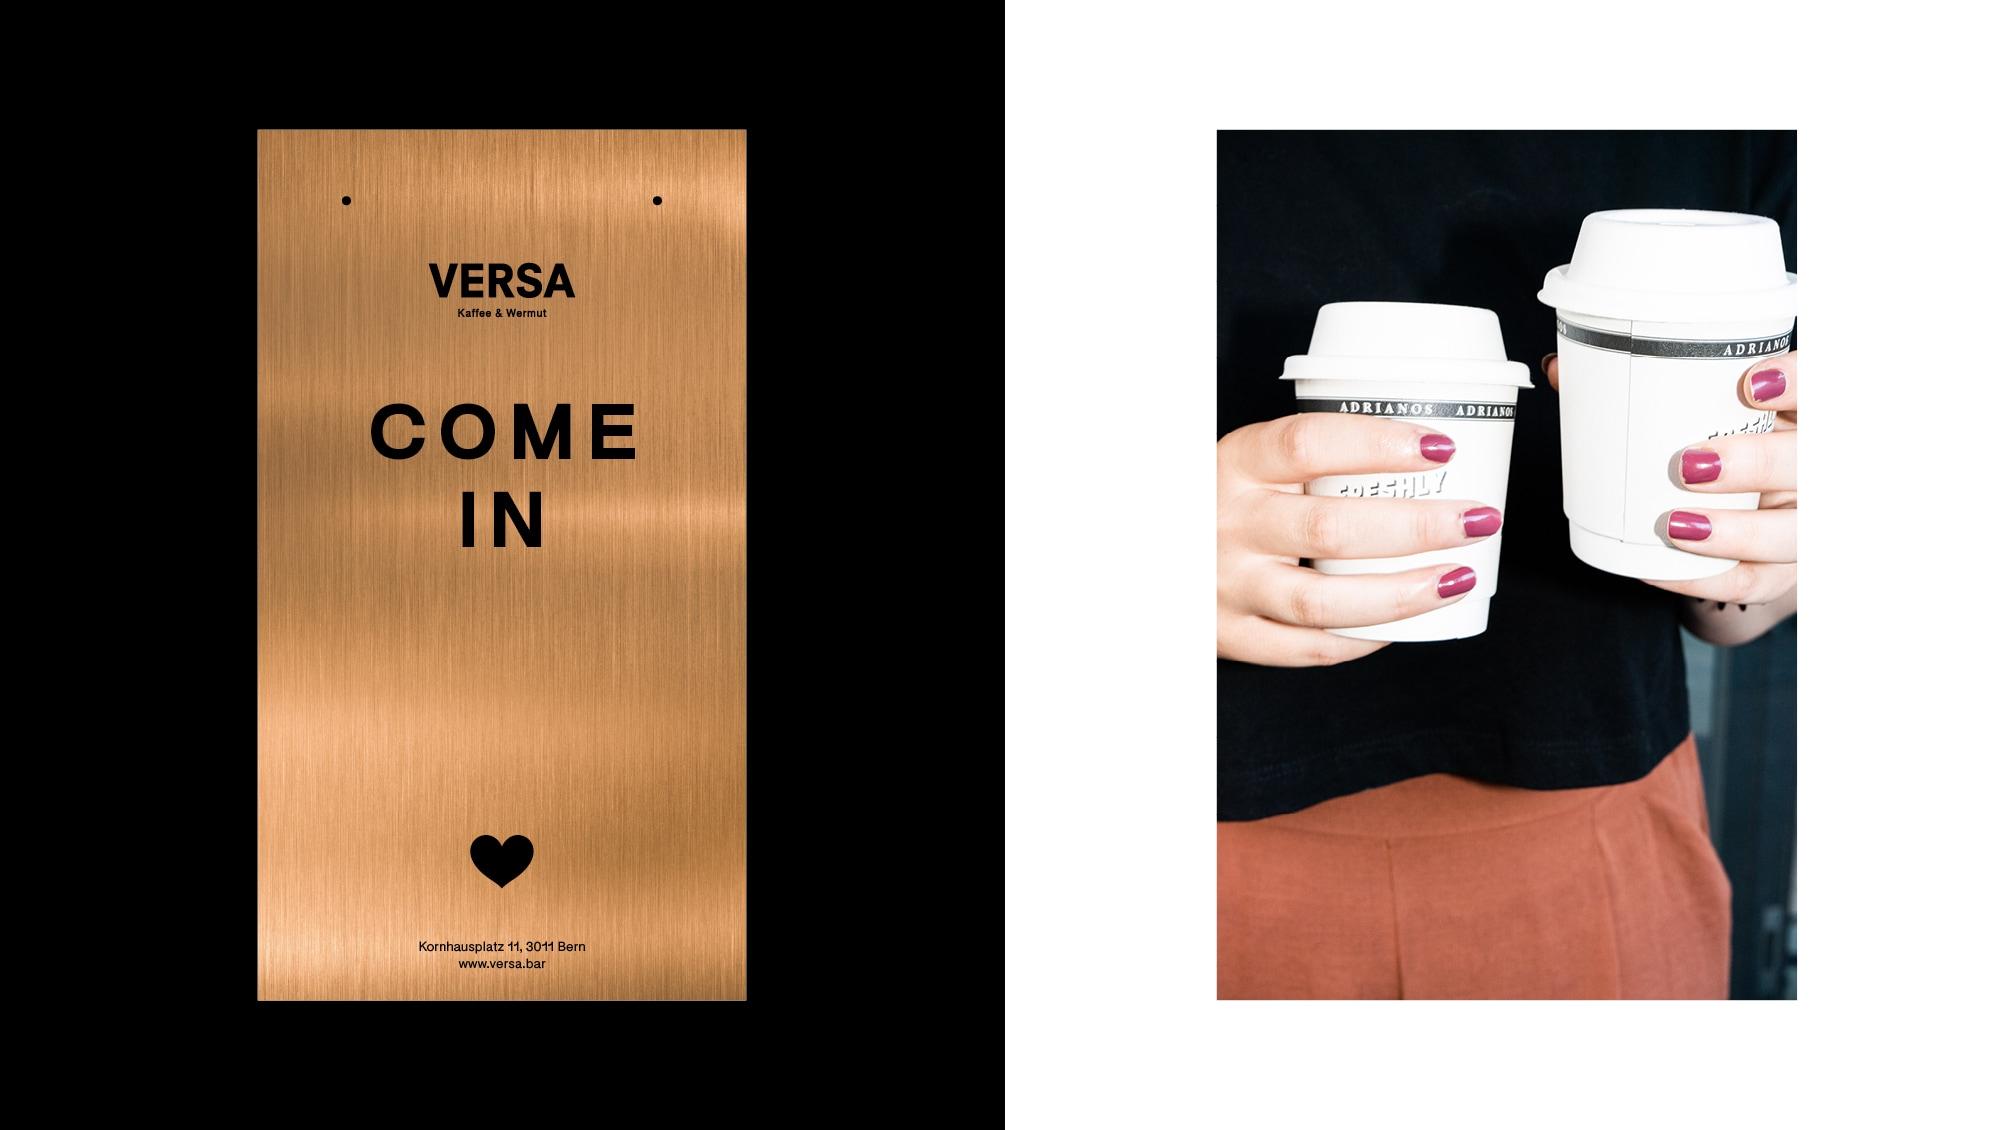 VERSA Kaffee & Wermut